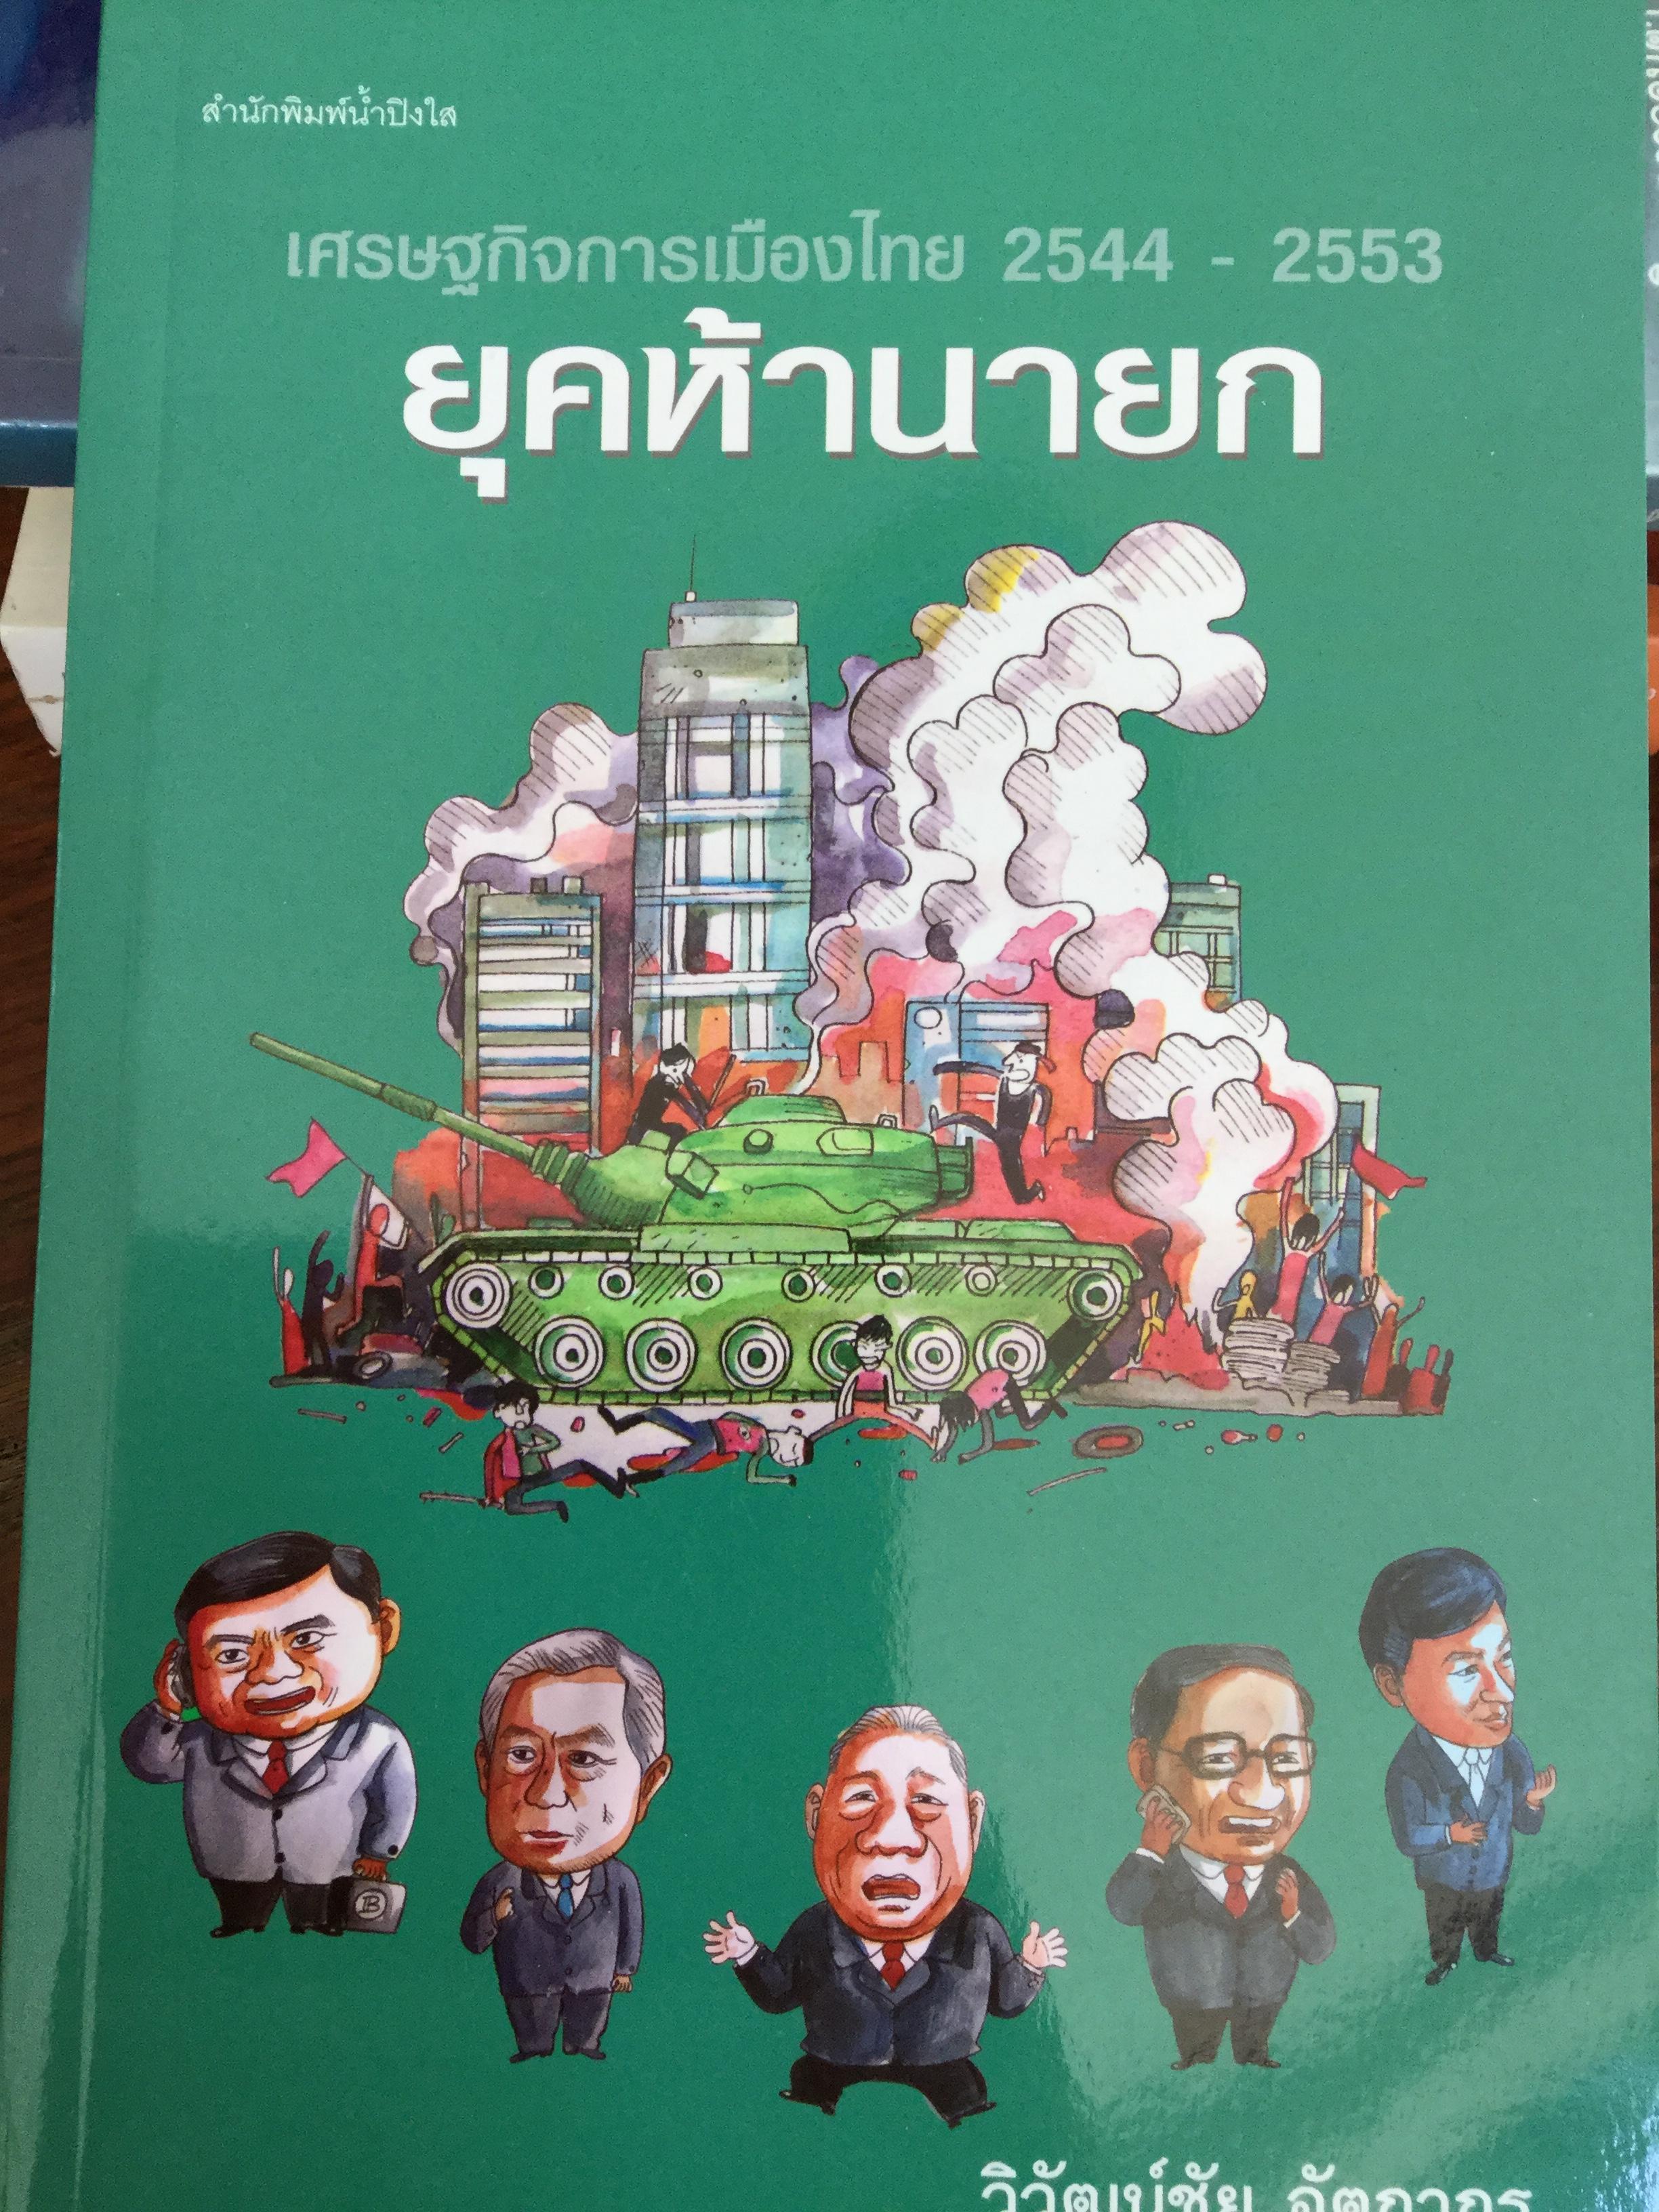 ยุคห้านายก. เศรษฐกิจการเมืองไทย 2544-2553 ผู้เขียน วิวัฒน์ชัย อัตถากร